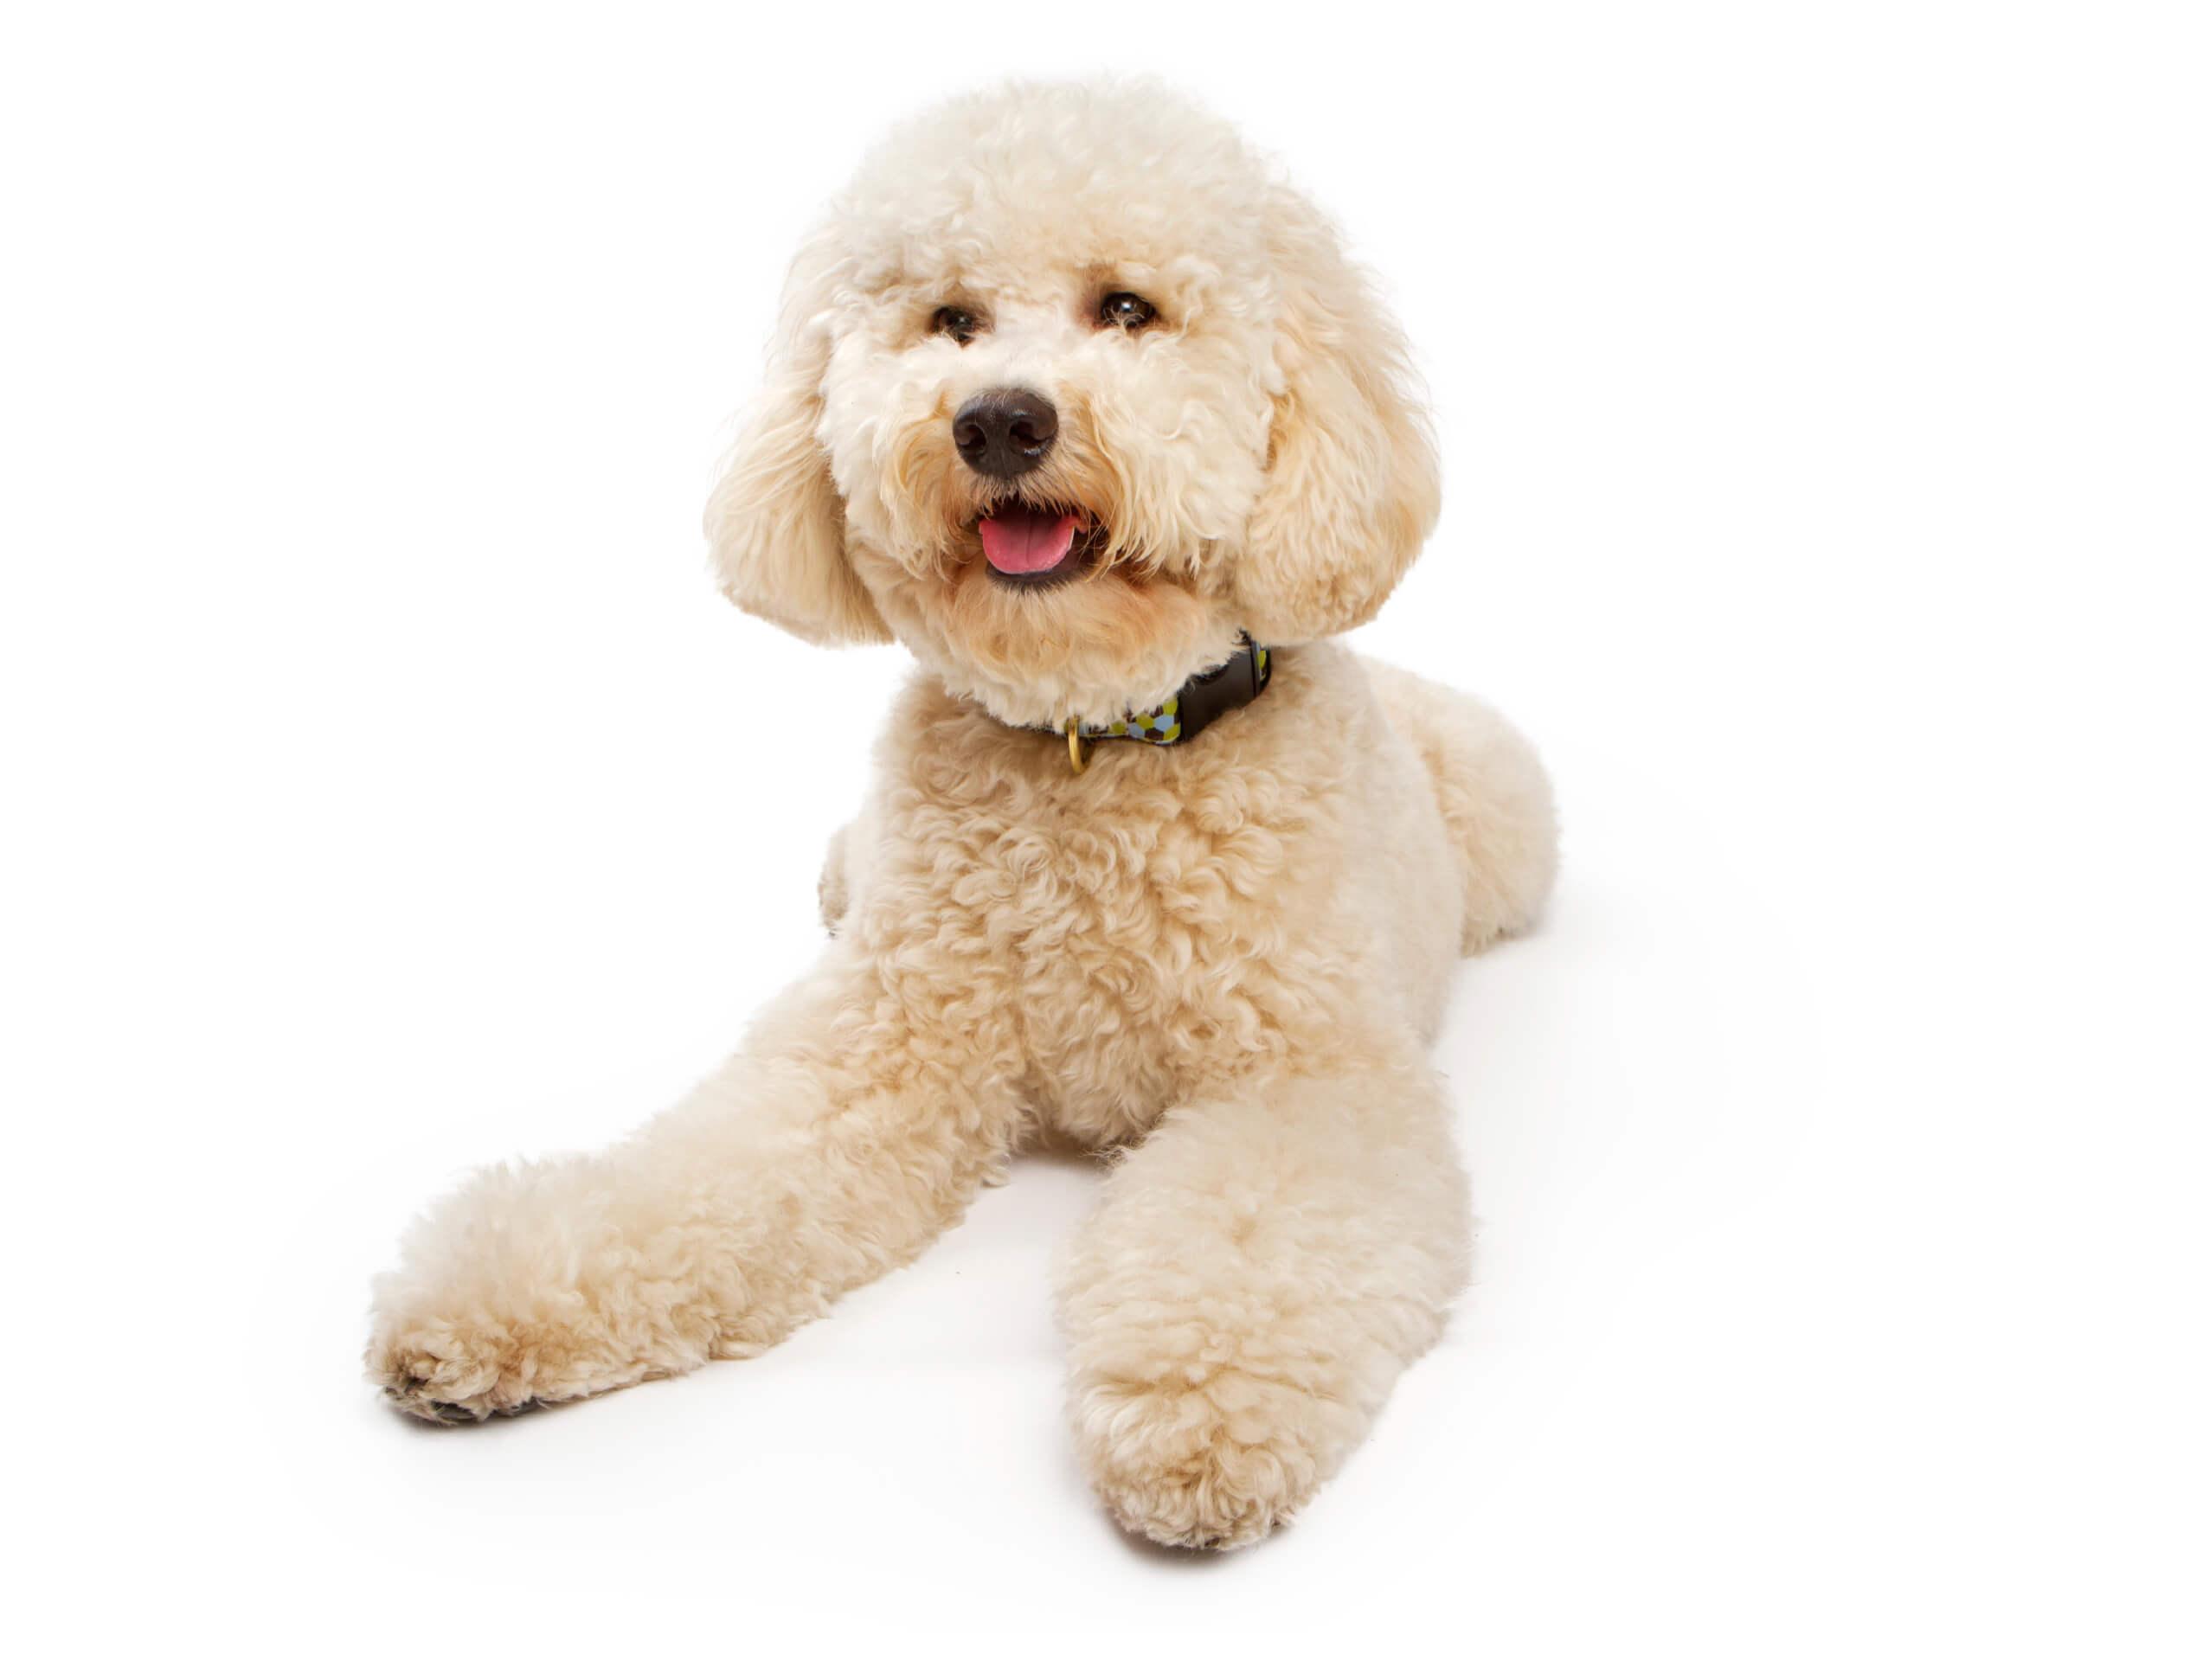 Oodles Of Doodles Pooch Dog Spa News